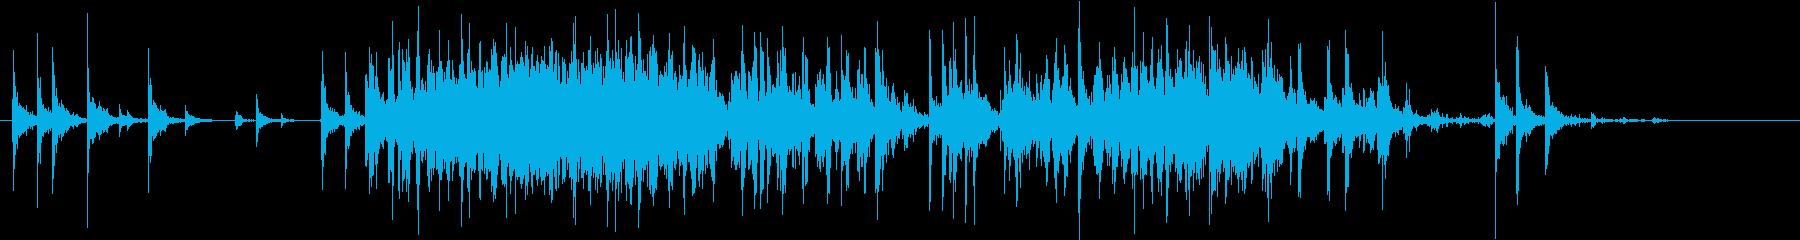 【生録音】米粒(生米)を取り出す音 4の再生済みの波形